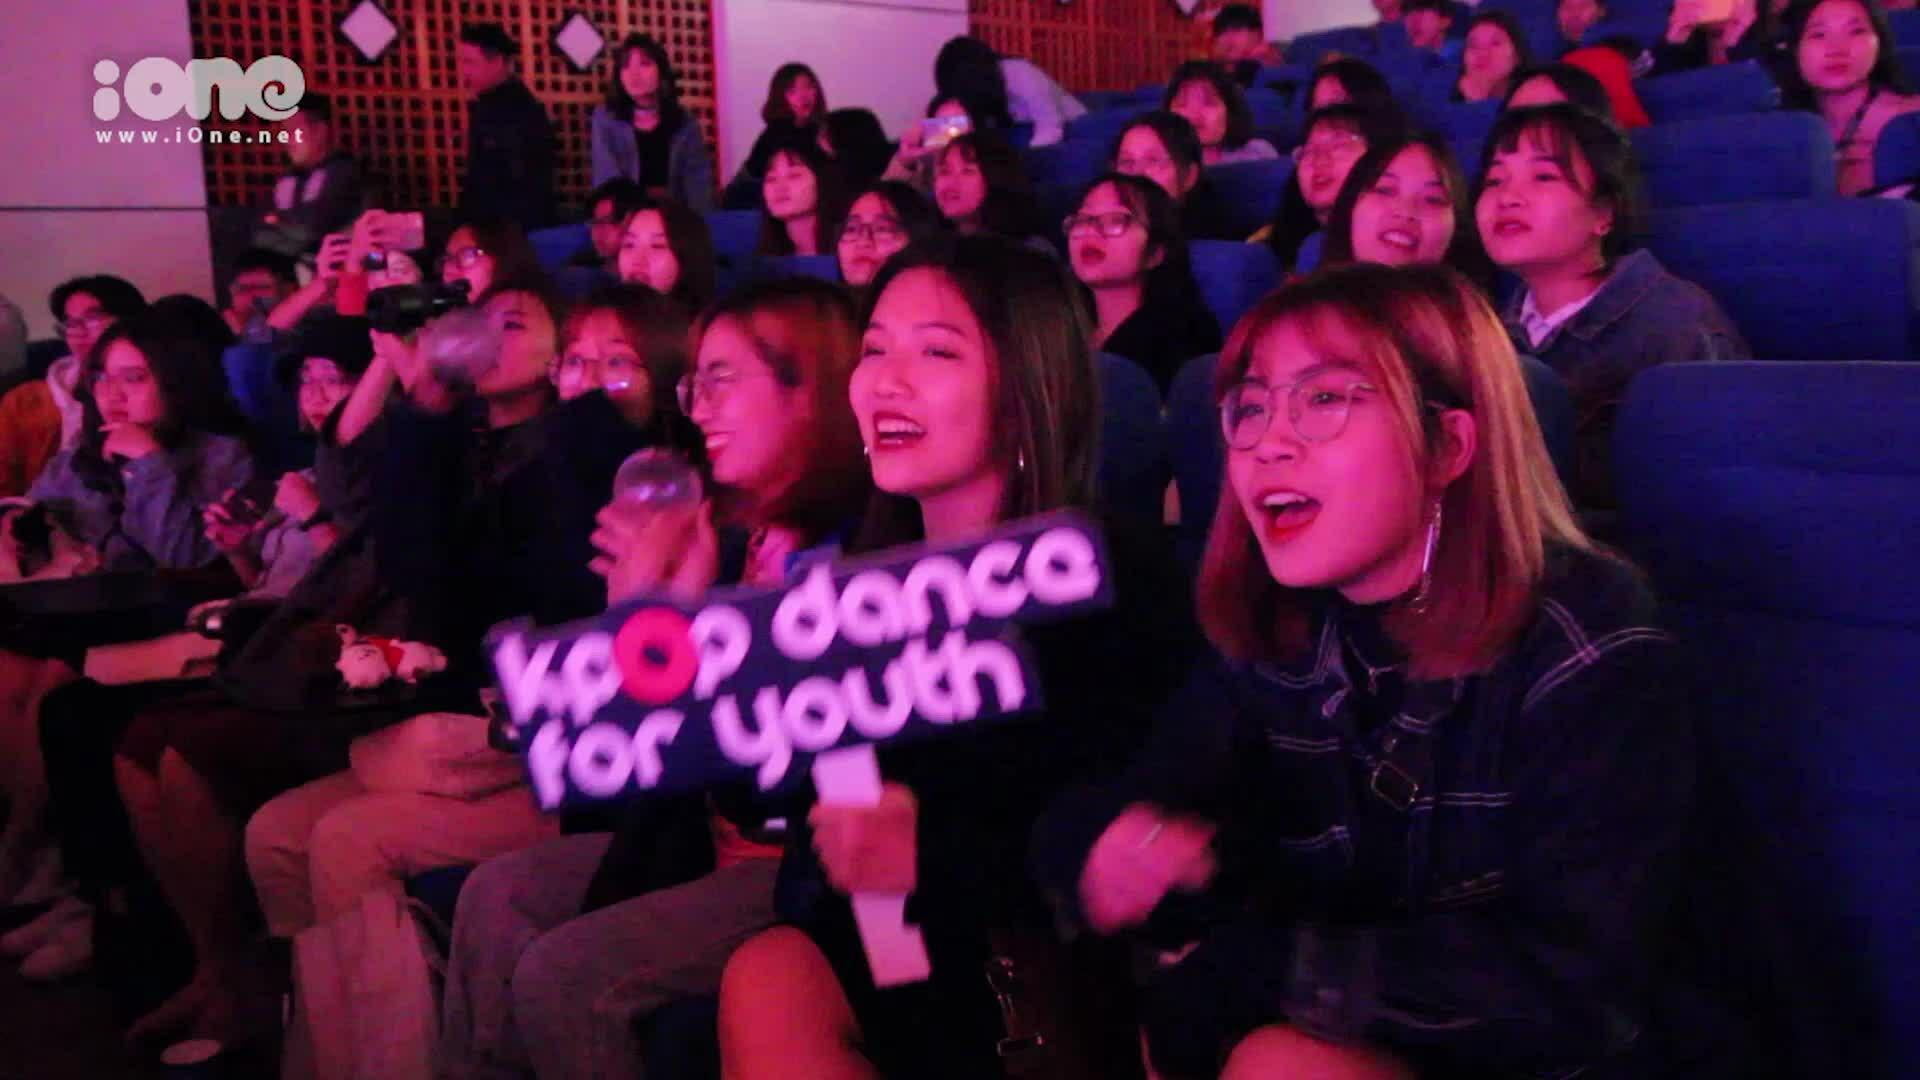 Khán giả 'sung hết nấc' với các màn biểu diễn chung kết Kpop Dance For Youth